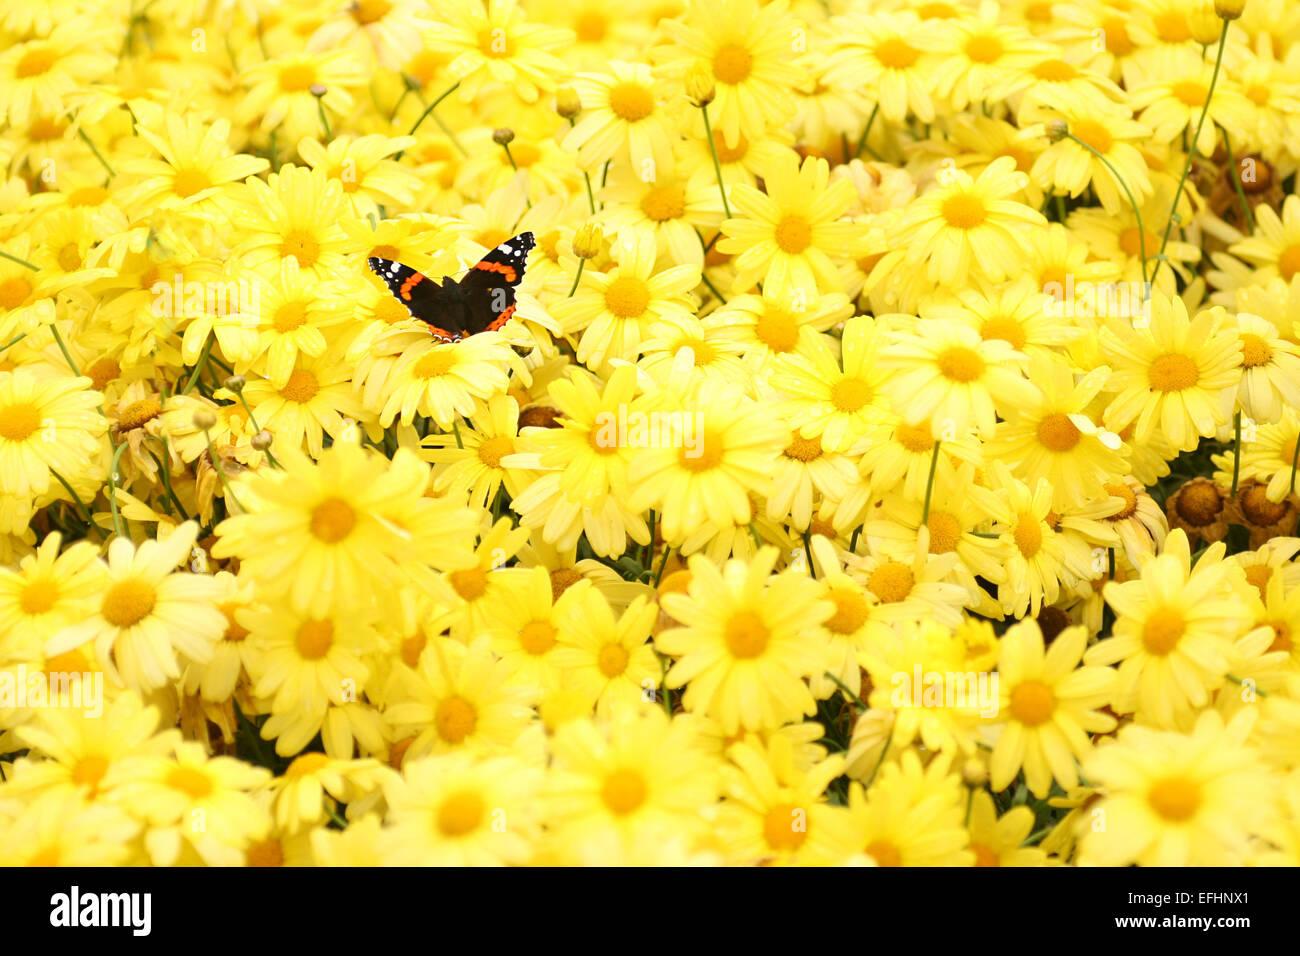 Butterlfy among yellow flowers - Stock Image